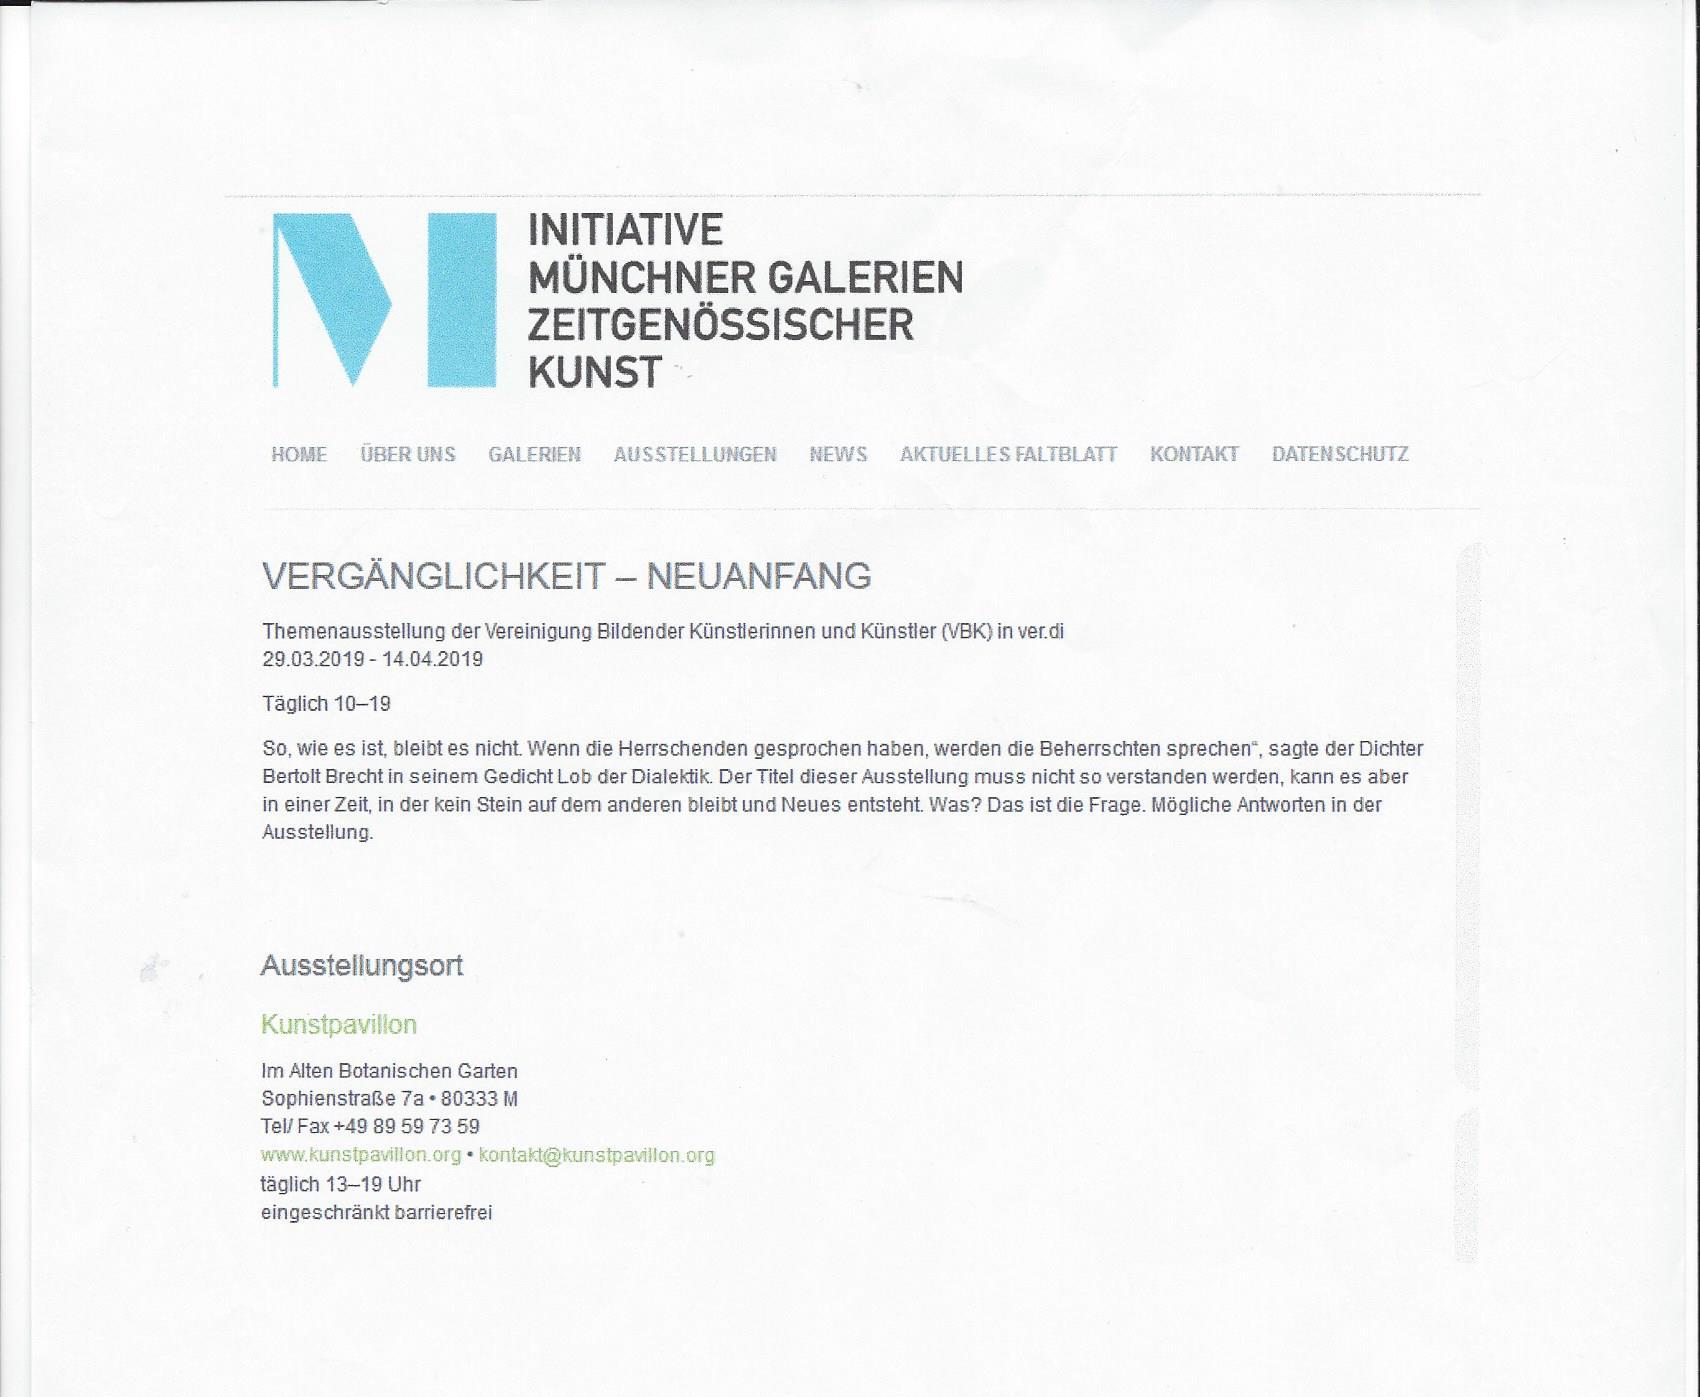 Intiative Münchener Galerien 2019